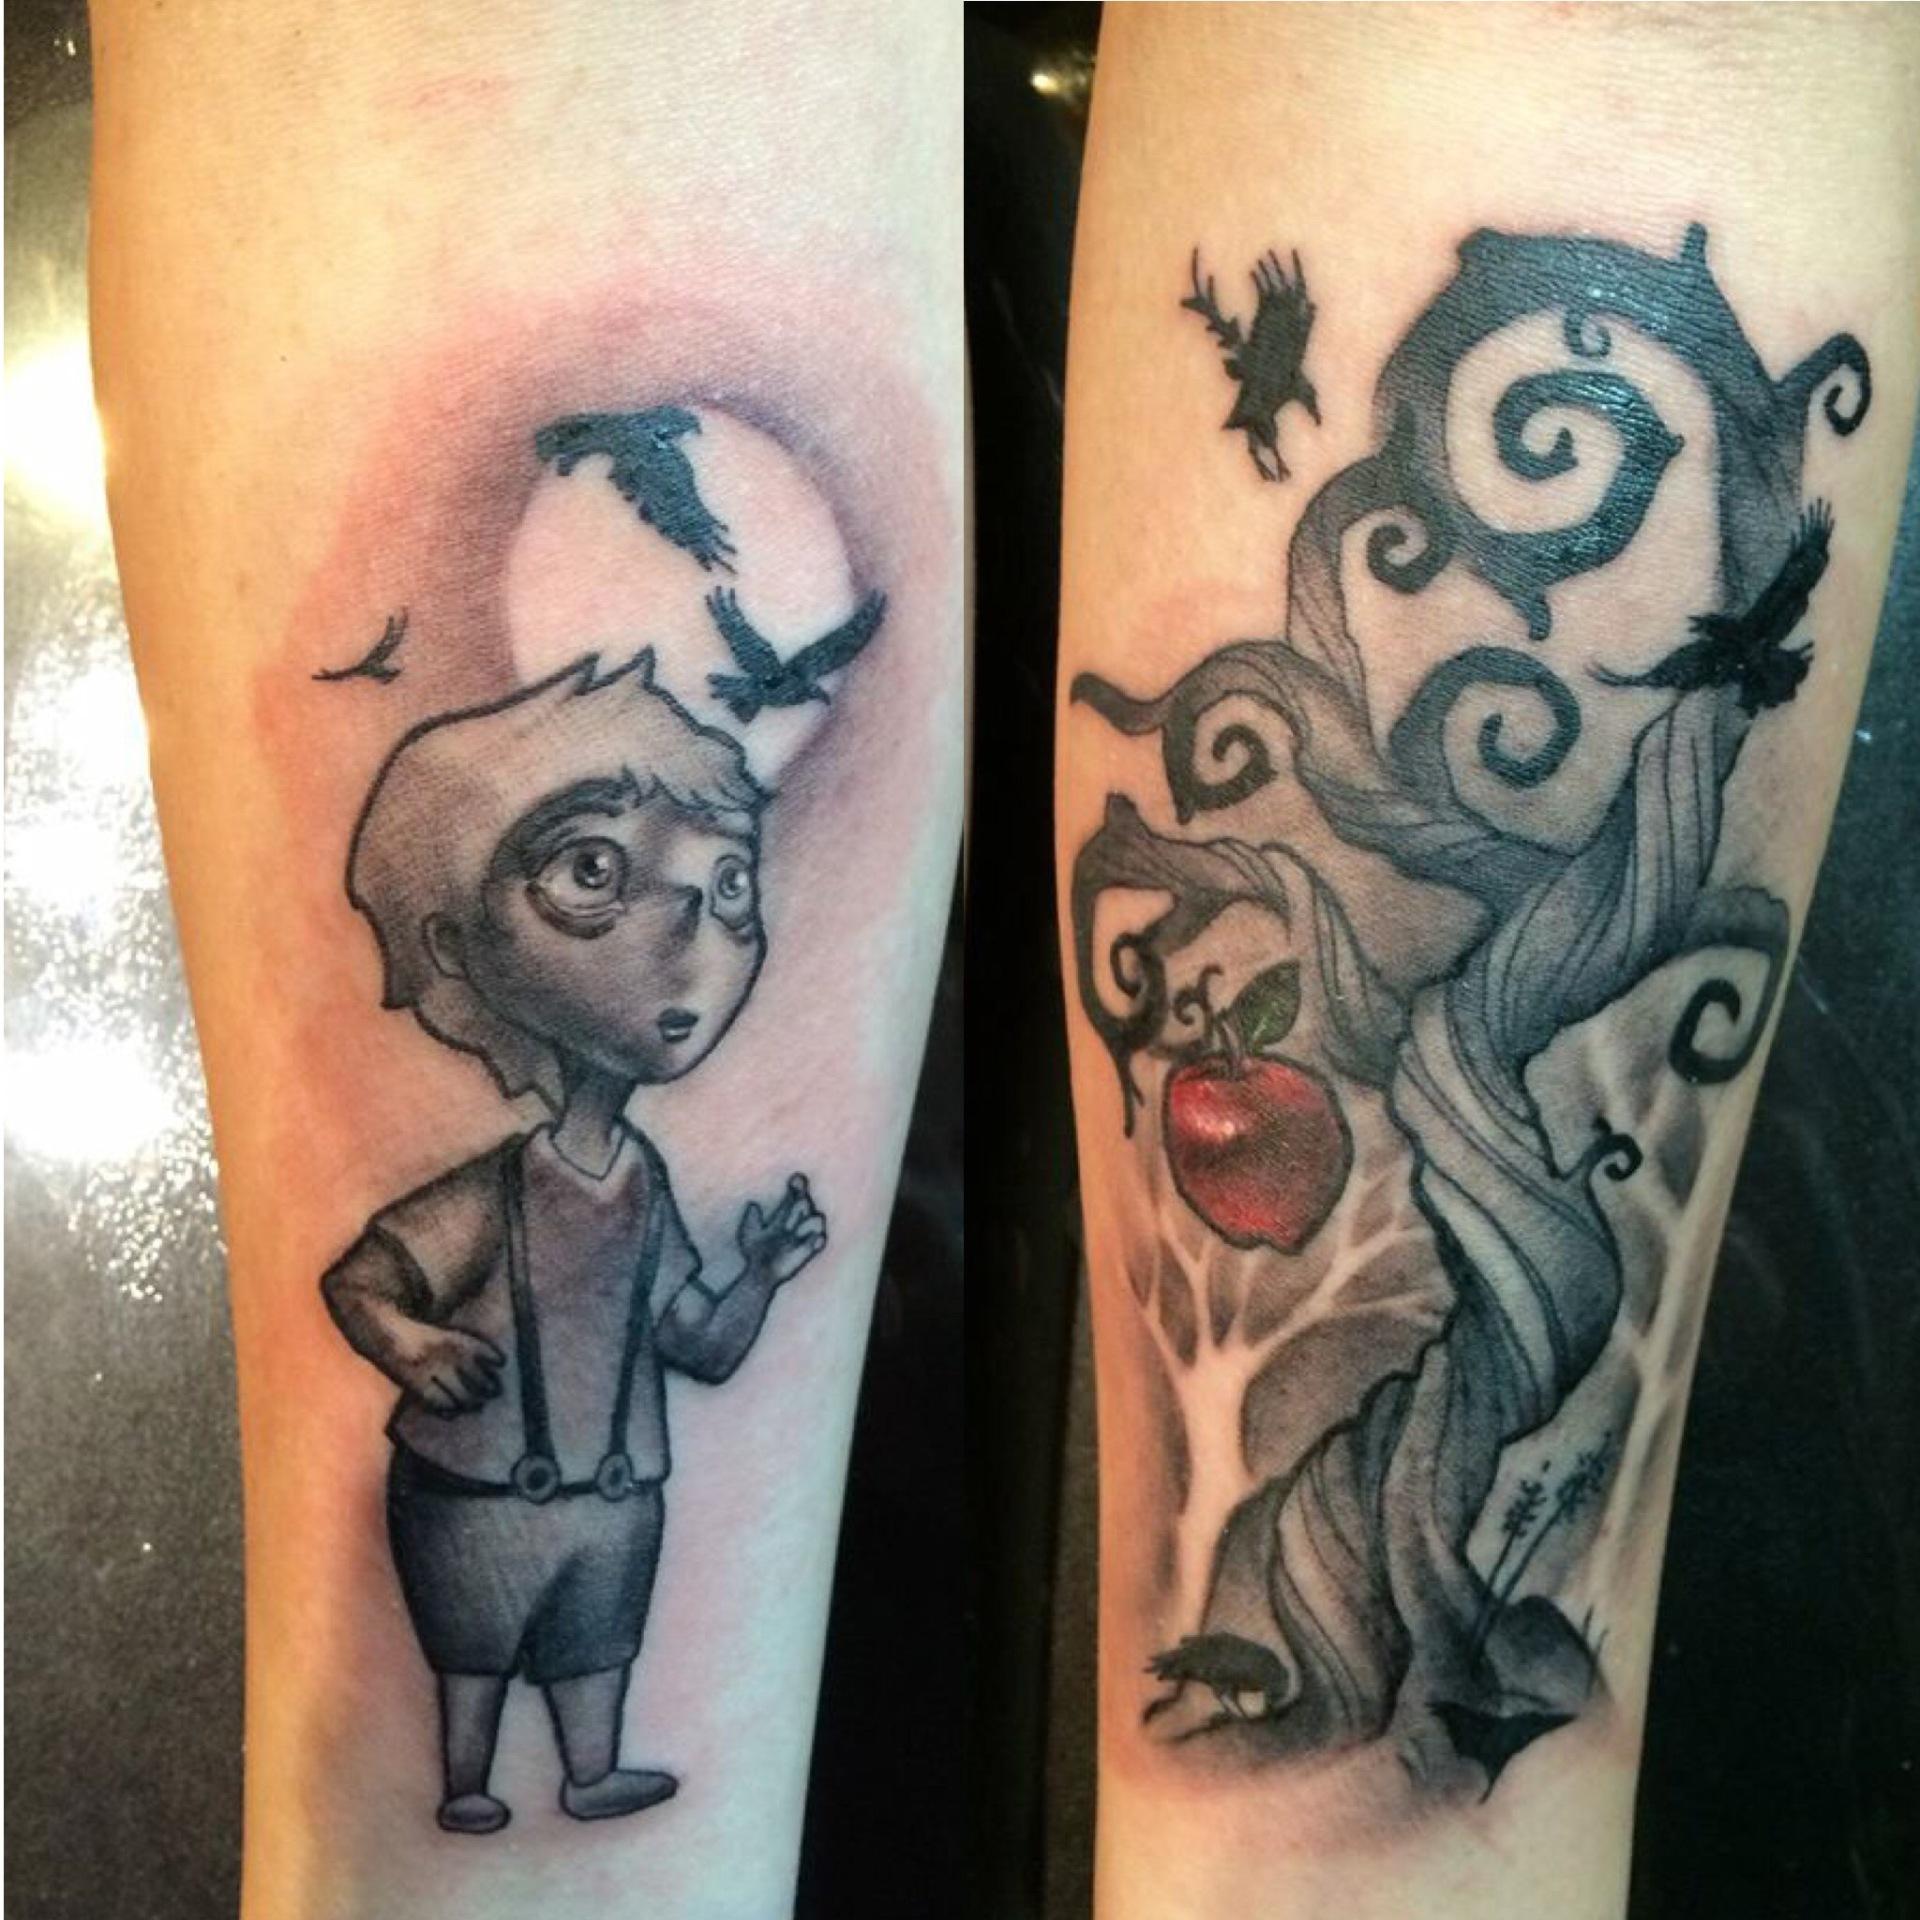 tim burton, giving tree, tattoo, art, dark, spooky